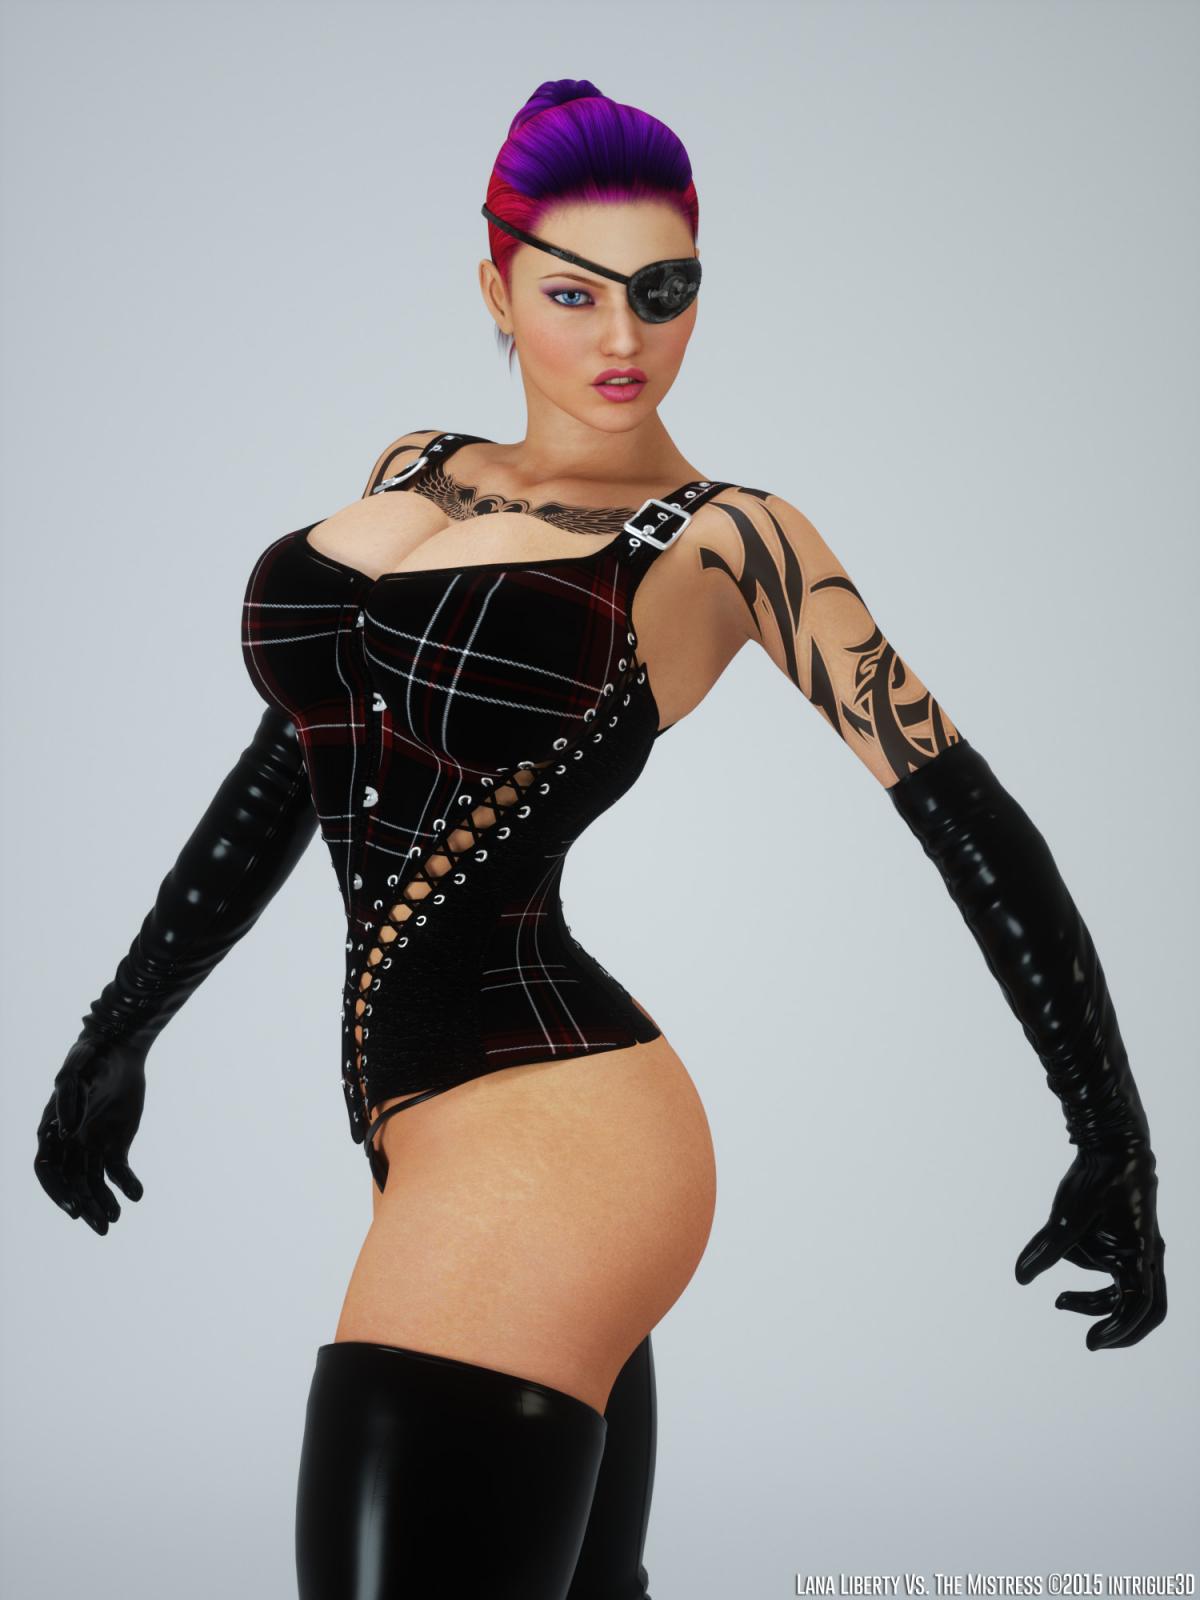 Hình ảnh 25795778527_37c20bc45b_o trong bài viết Lana Liberty Vs The Mistress